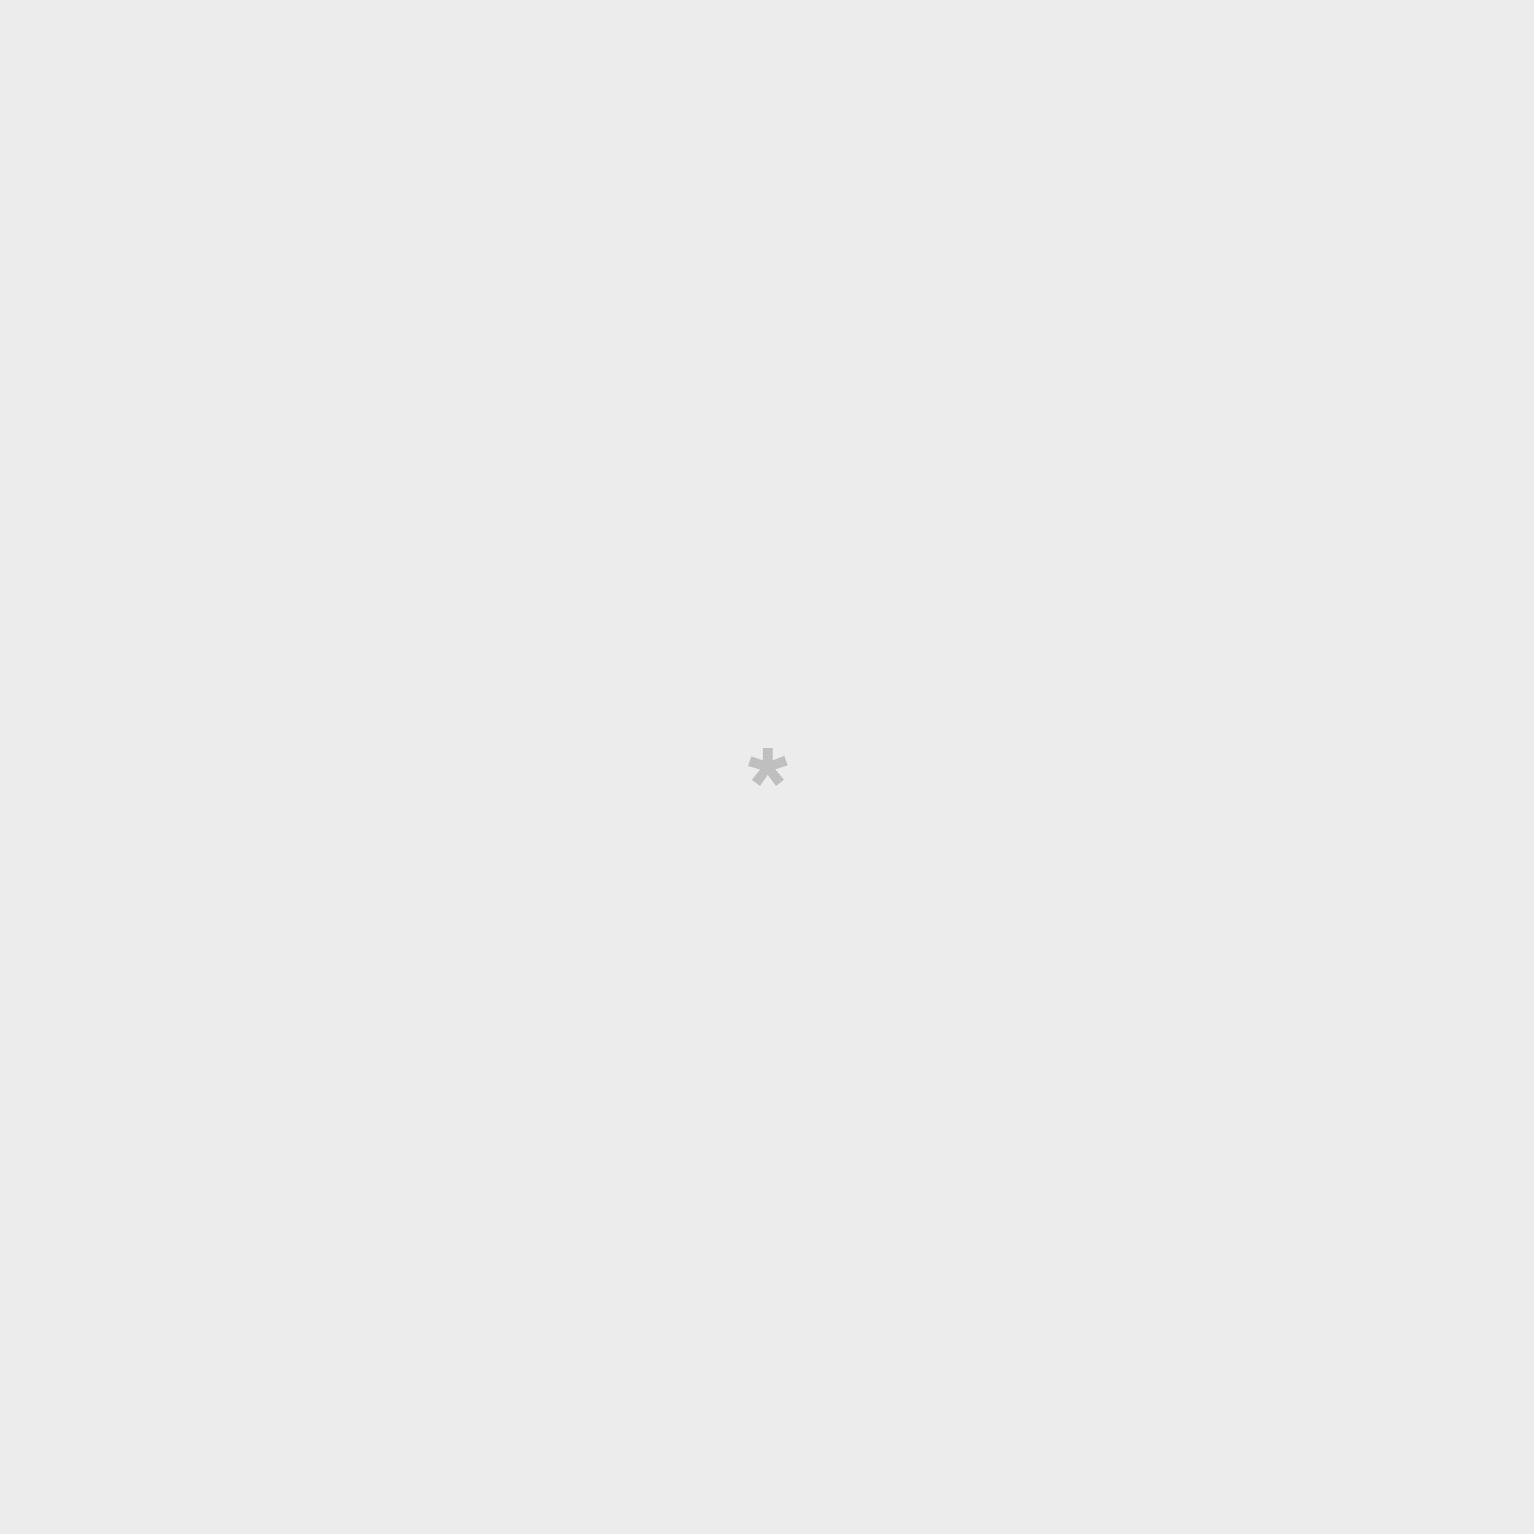 Extras para personalizar tu mochila y accesorios - Do your best